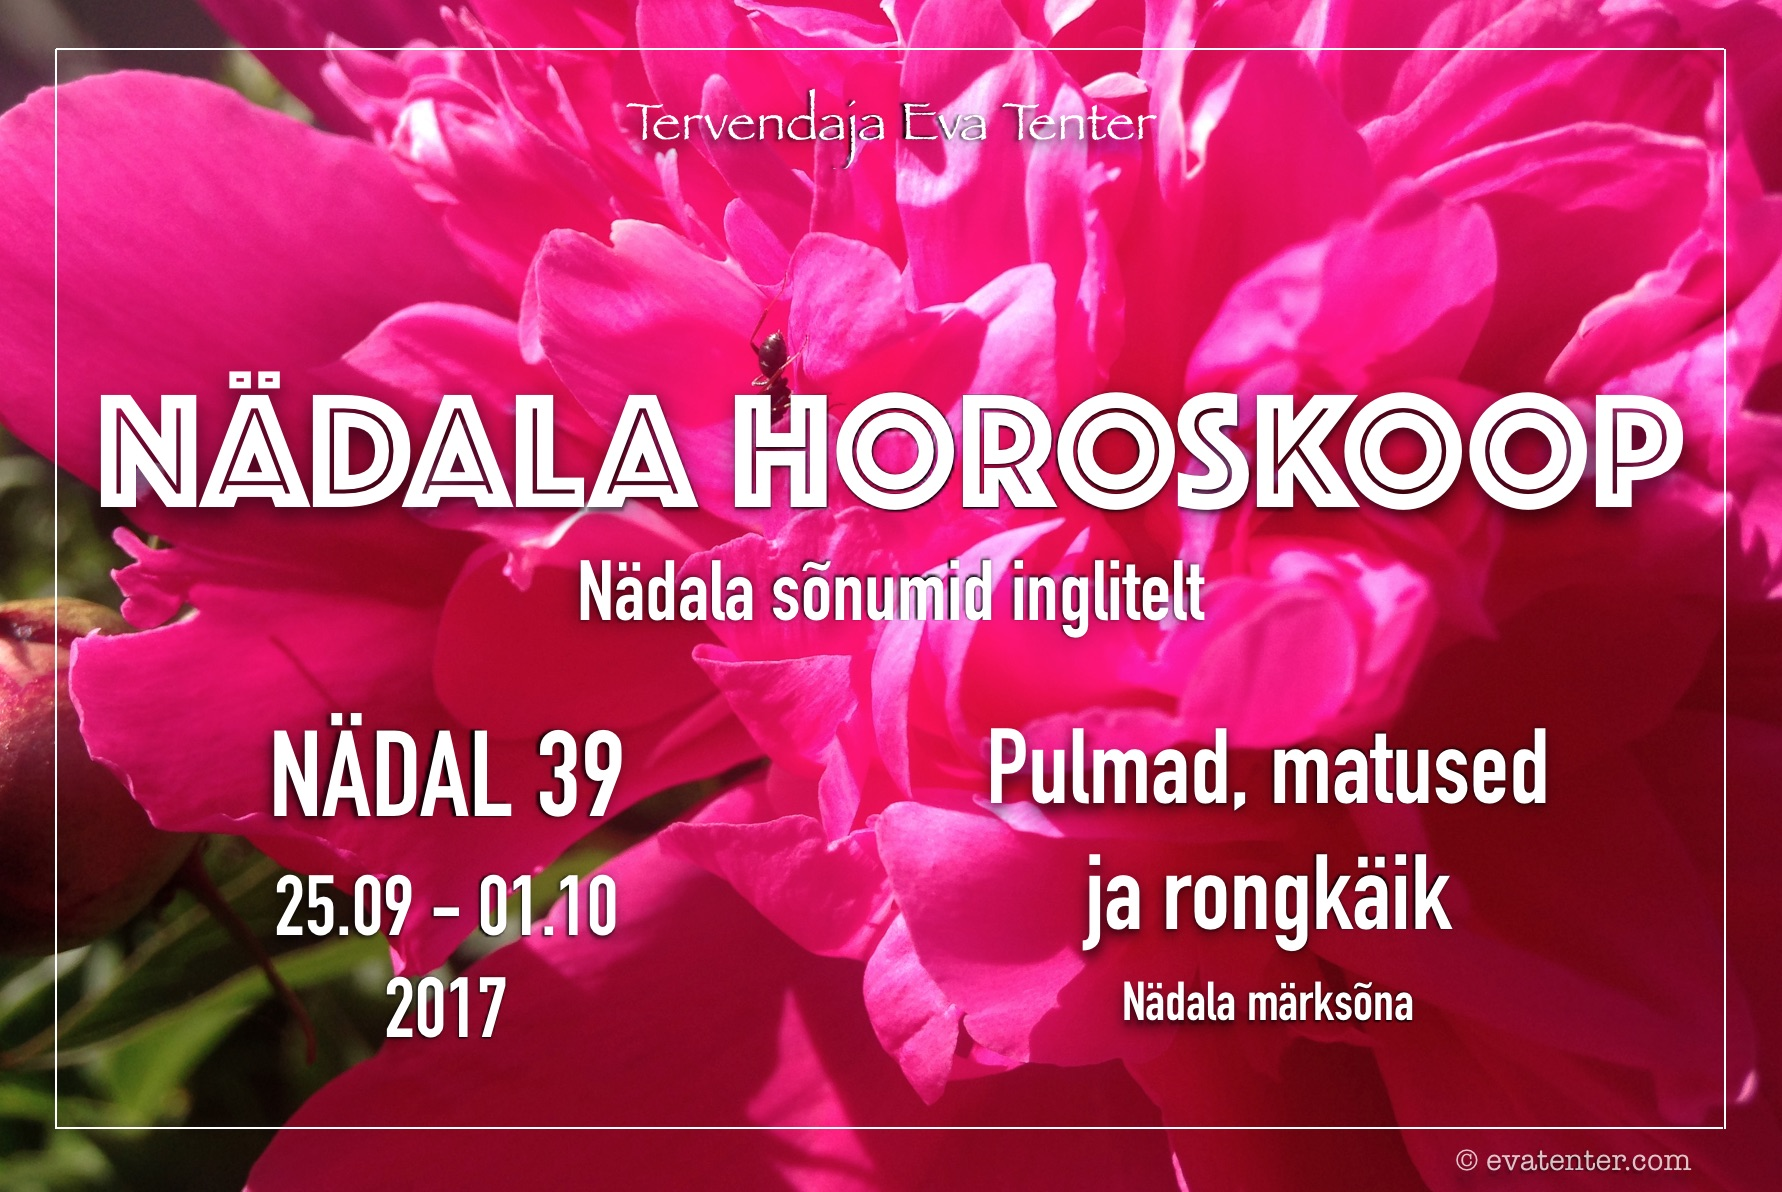 Nädala horoskoop 25.09-01.10.2017